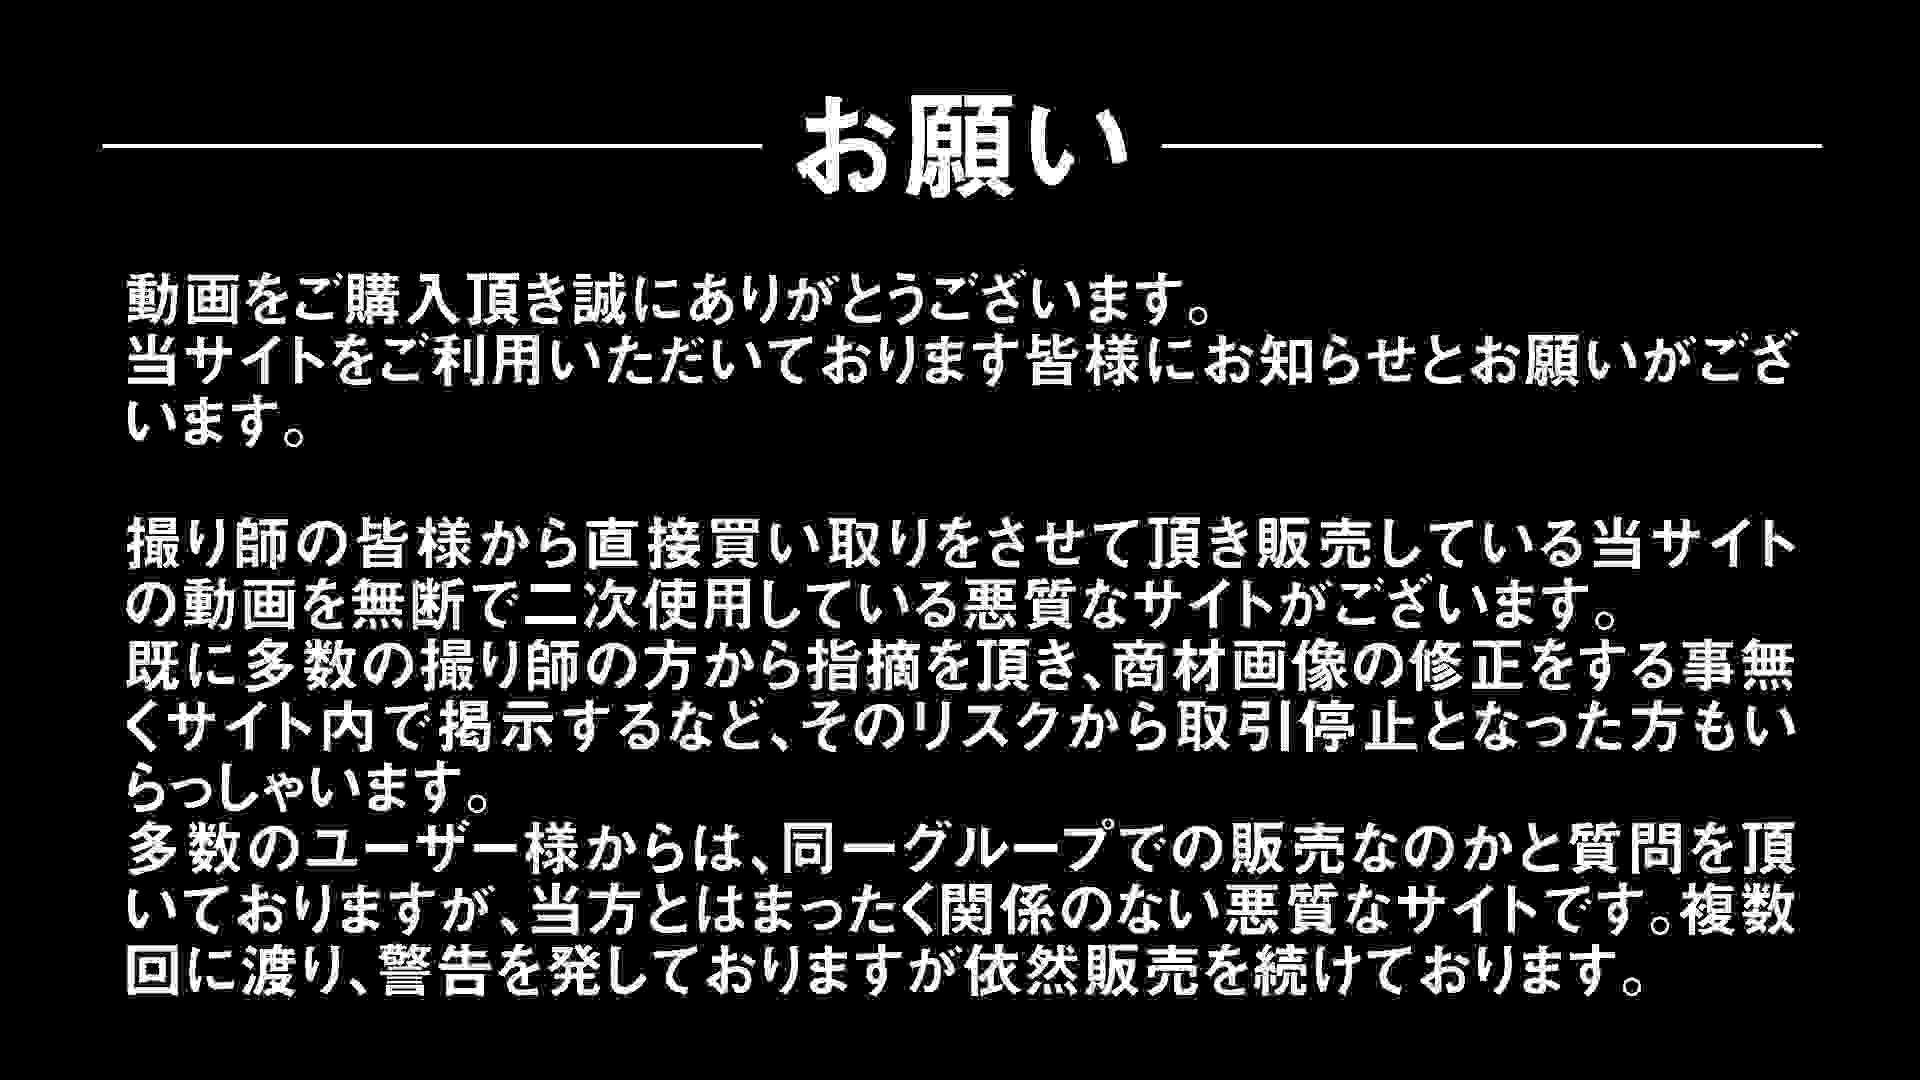 Aquaな露天風呂Vol.299 盗撮大放出 | 0  45連発 13